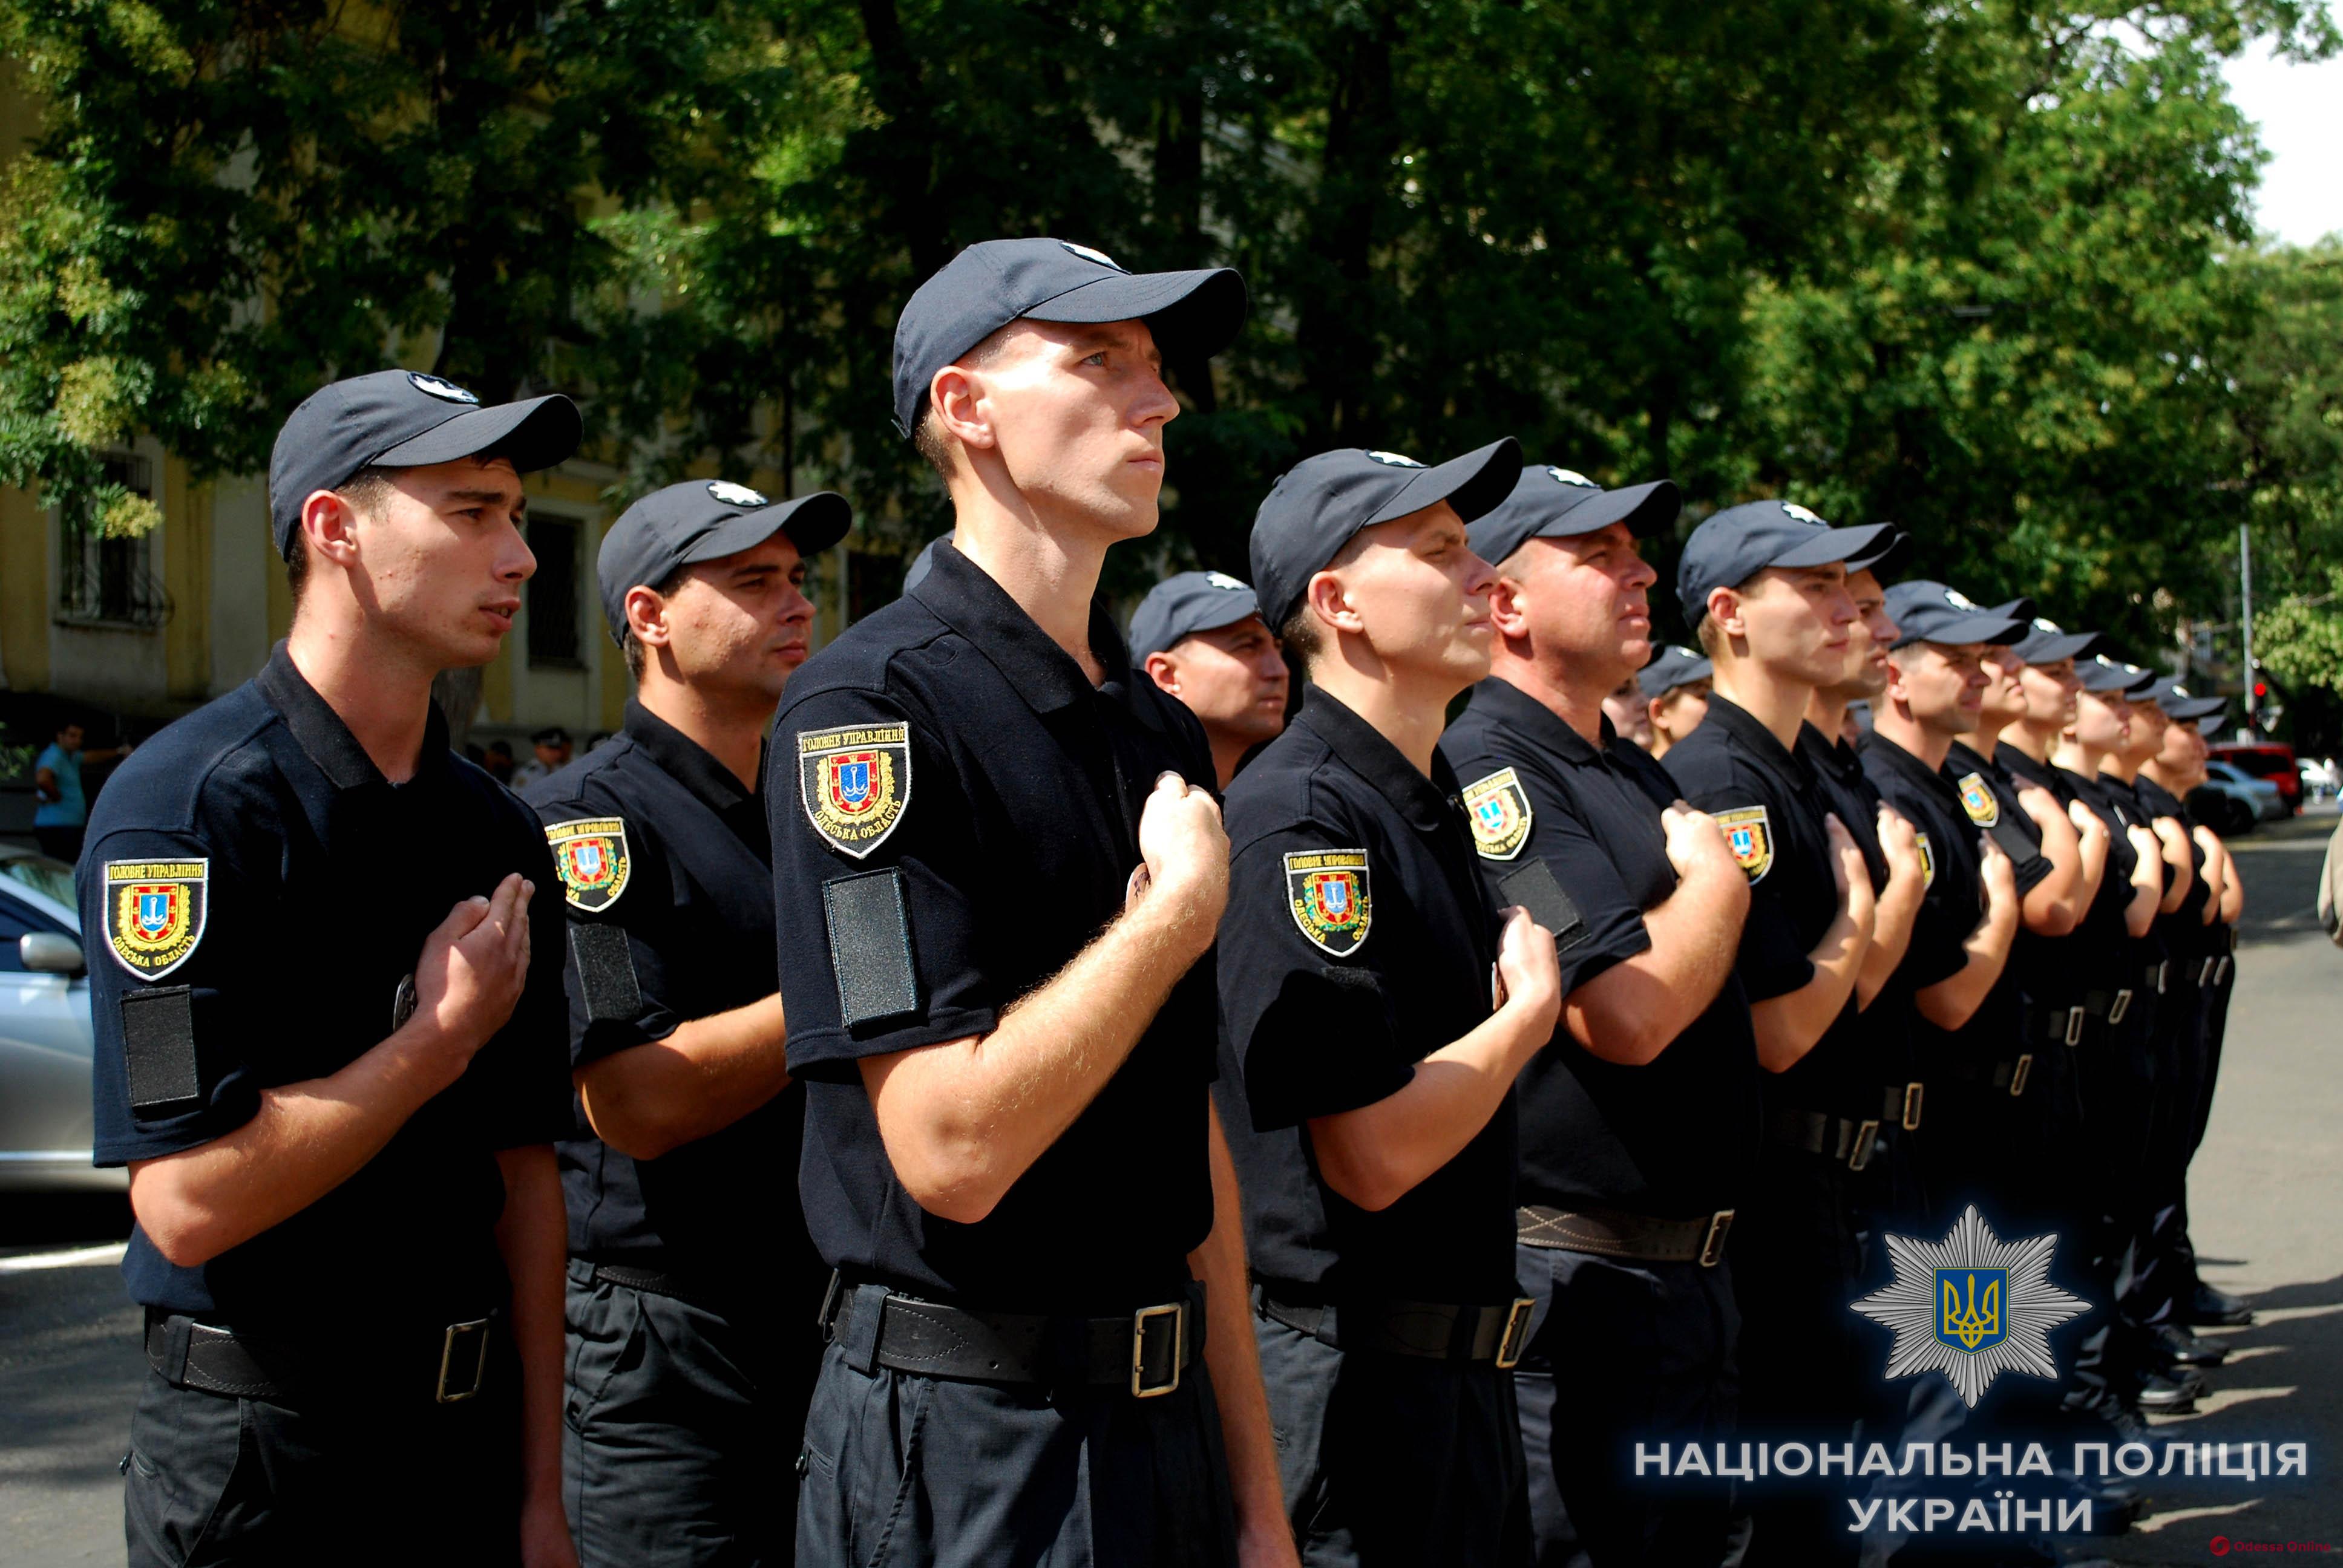 В Одессе свыше двух десятков полицейских присягнули на верность украинскому народу (фото)